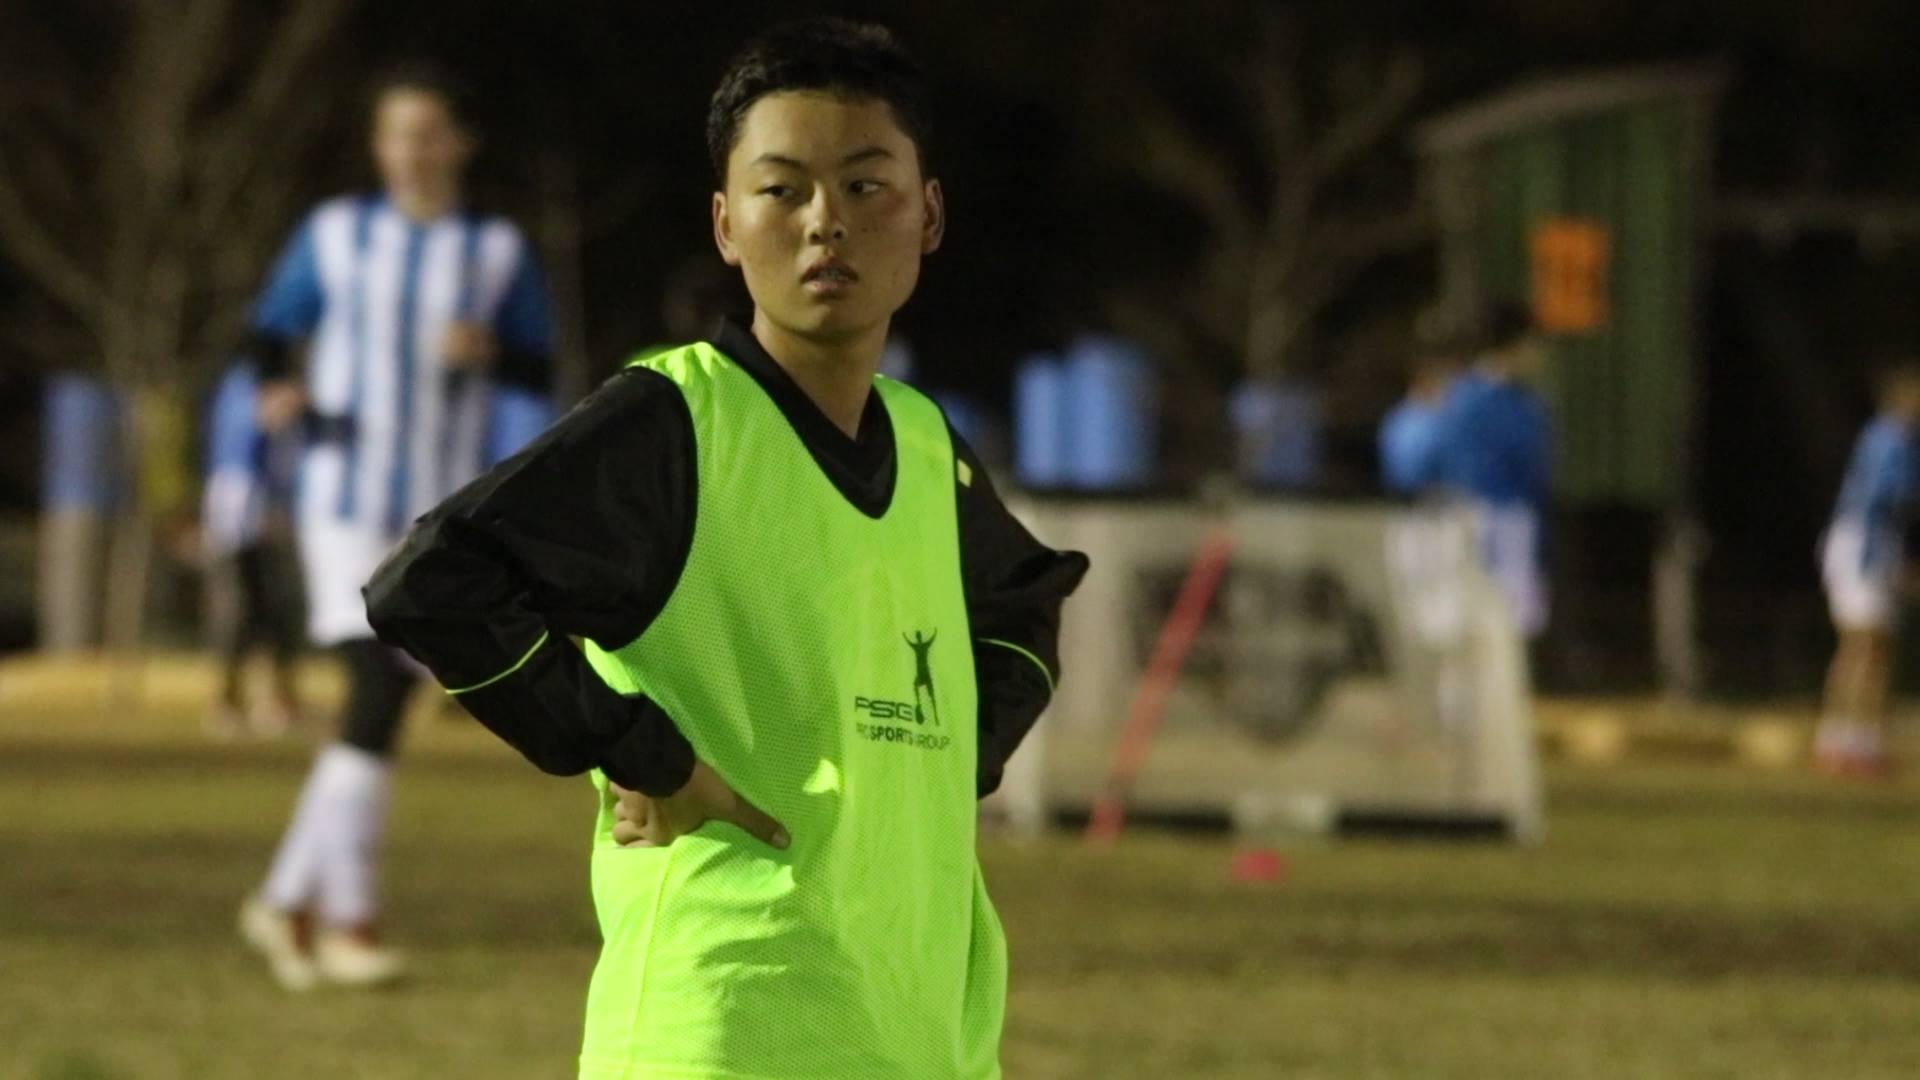 オーストラリア短期サッカー英語留学半田壮平